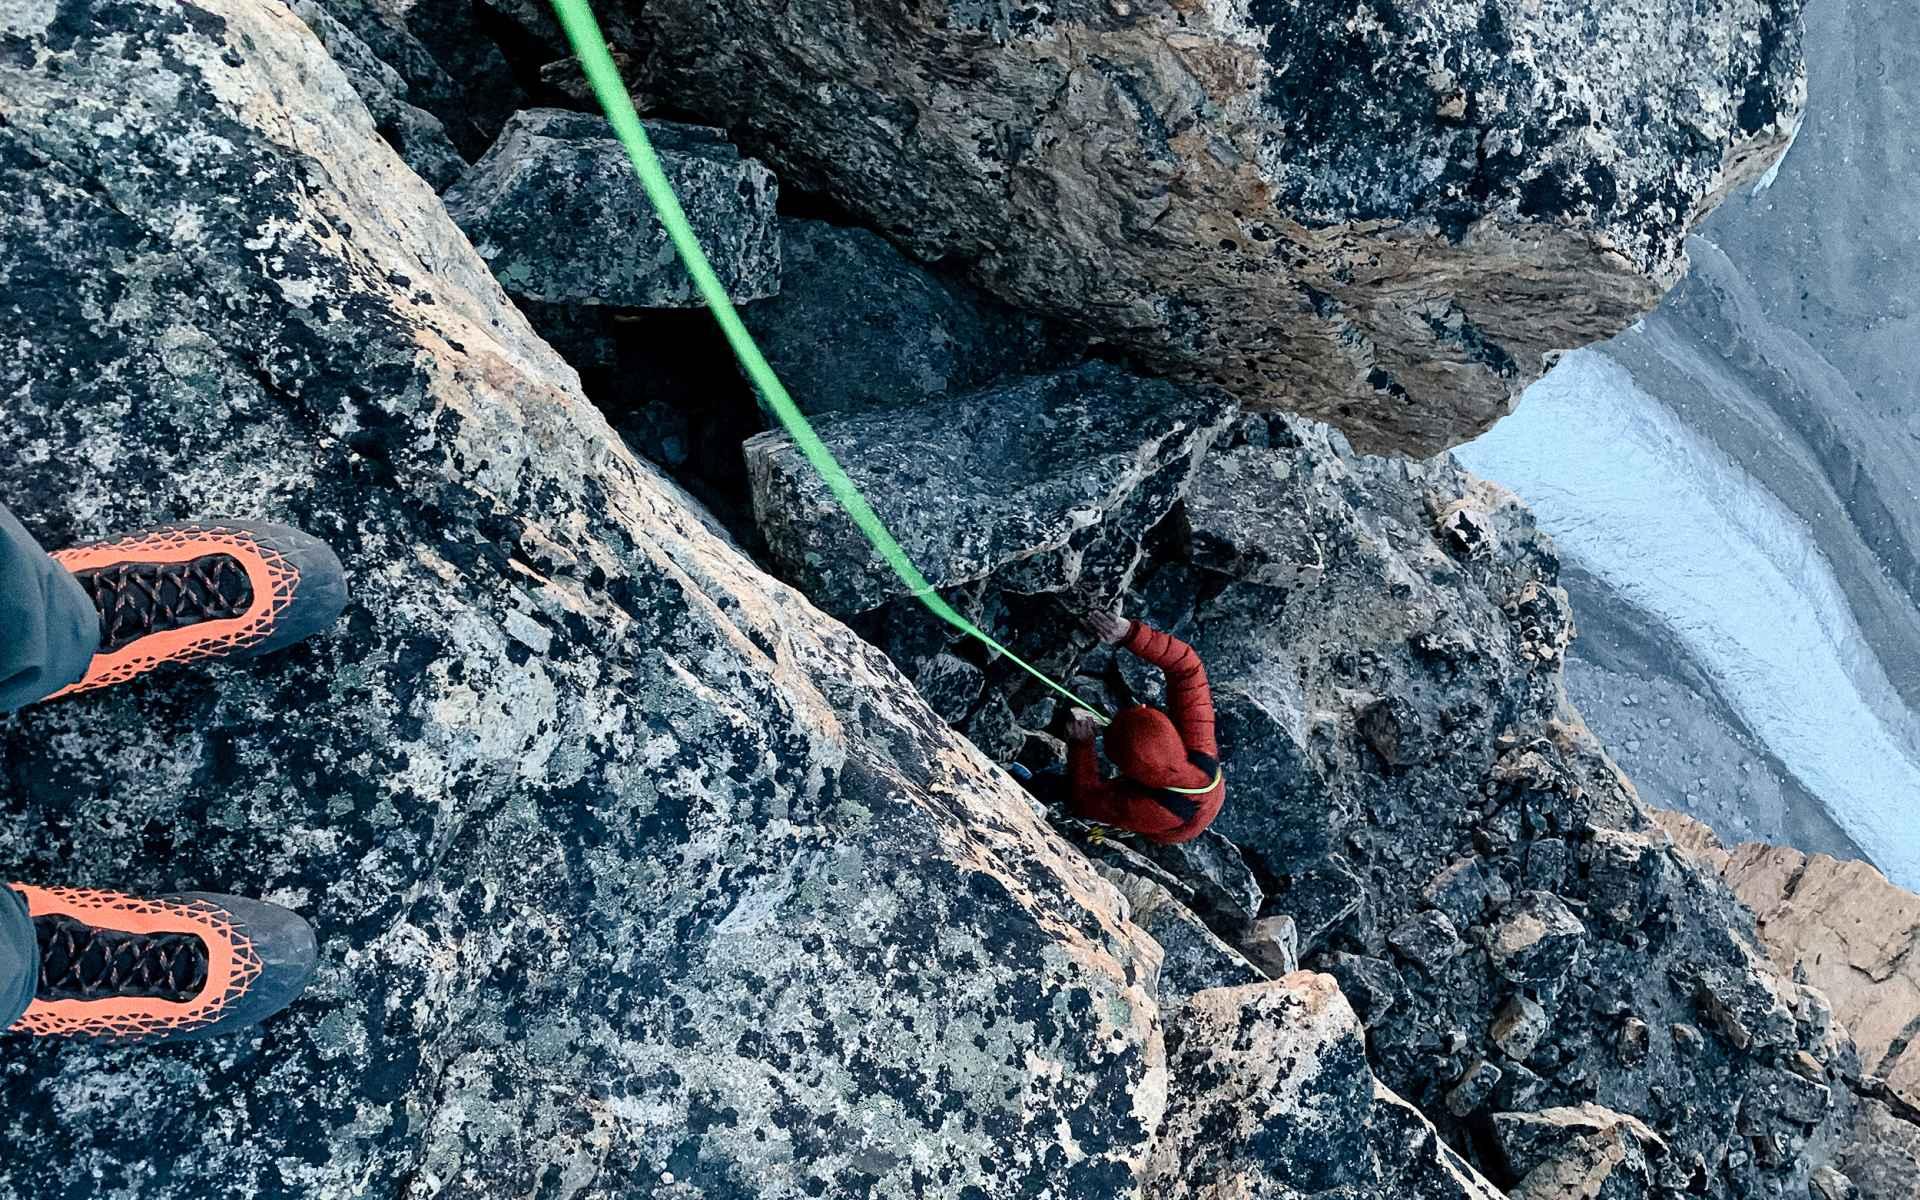 Trotz Schmerzen will Stefan diese Kletterei